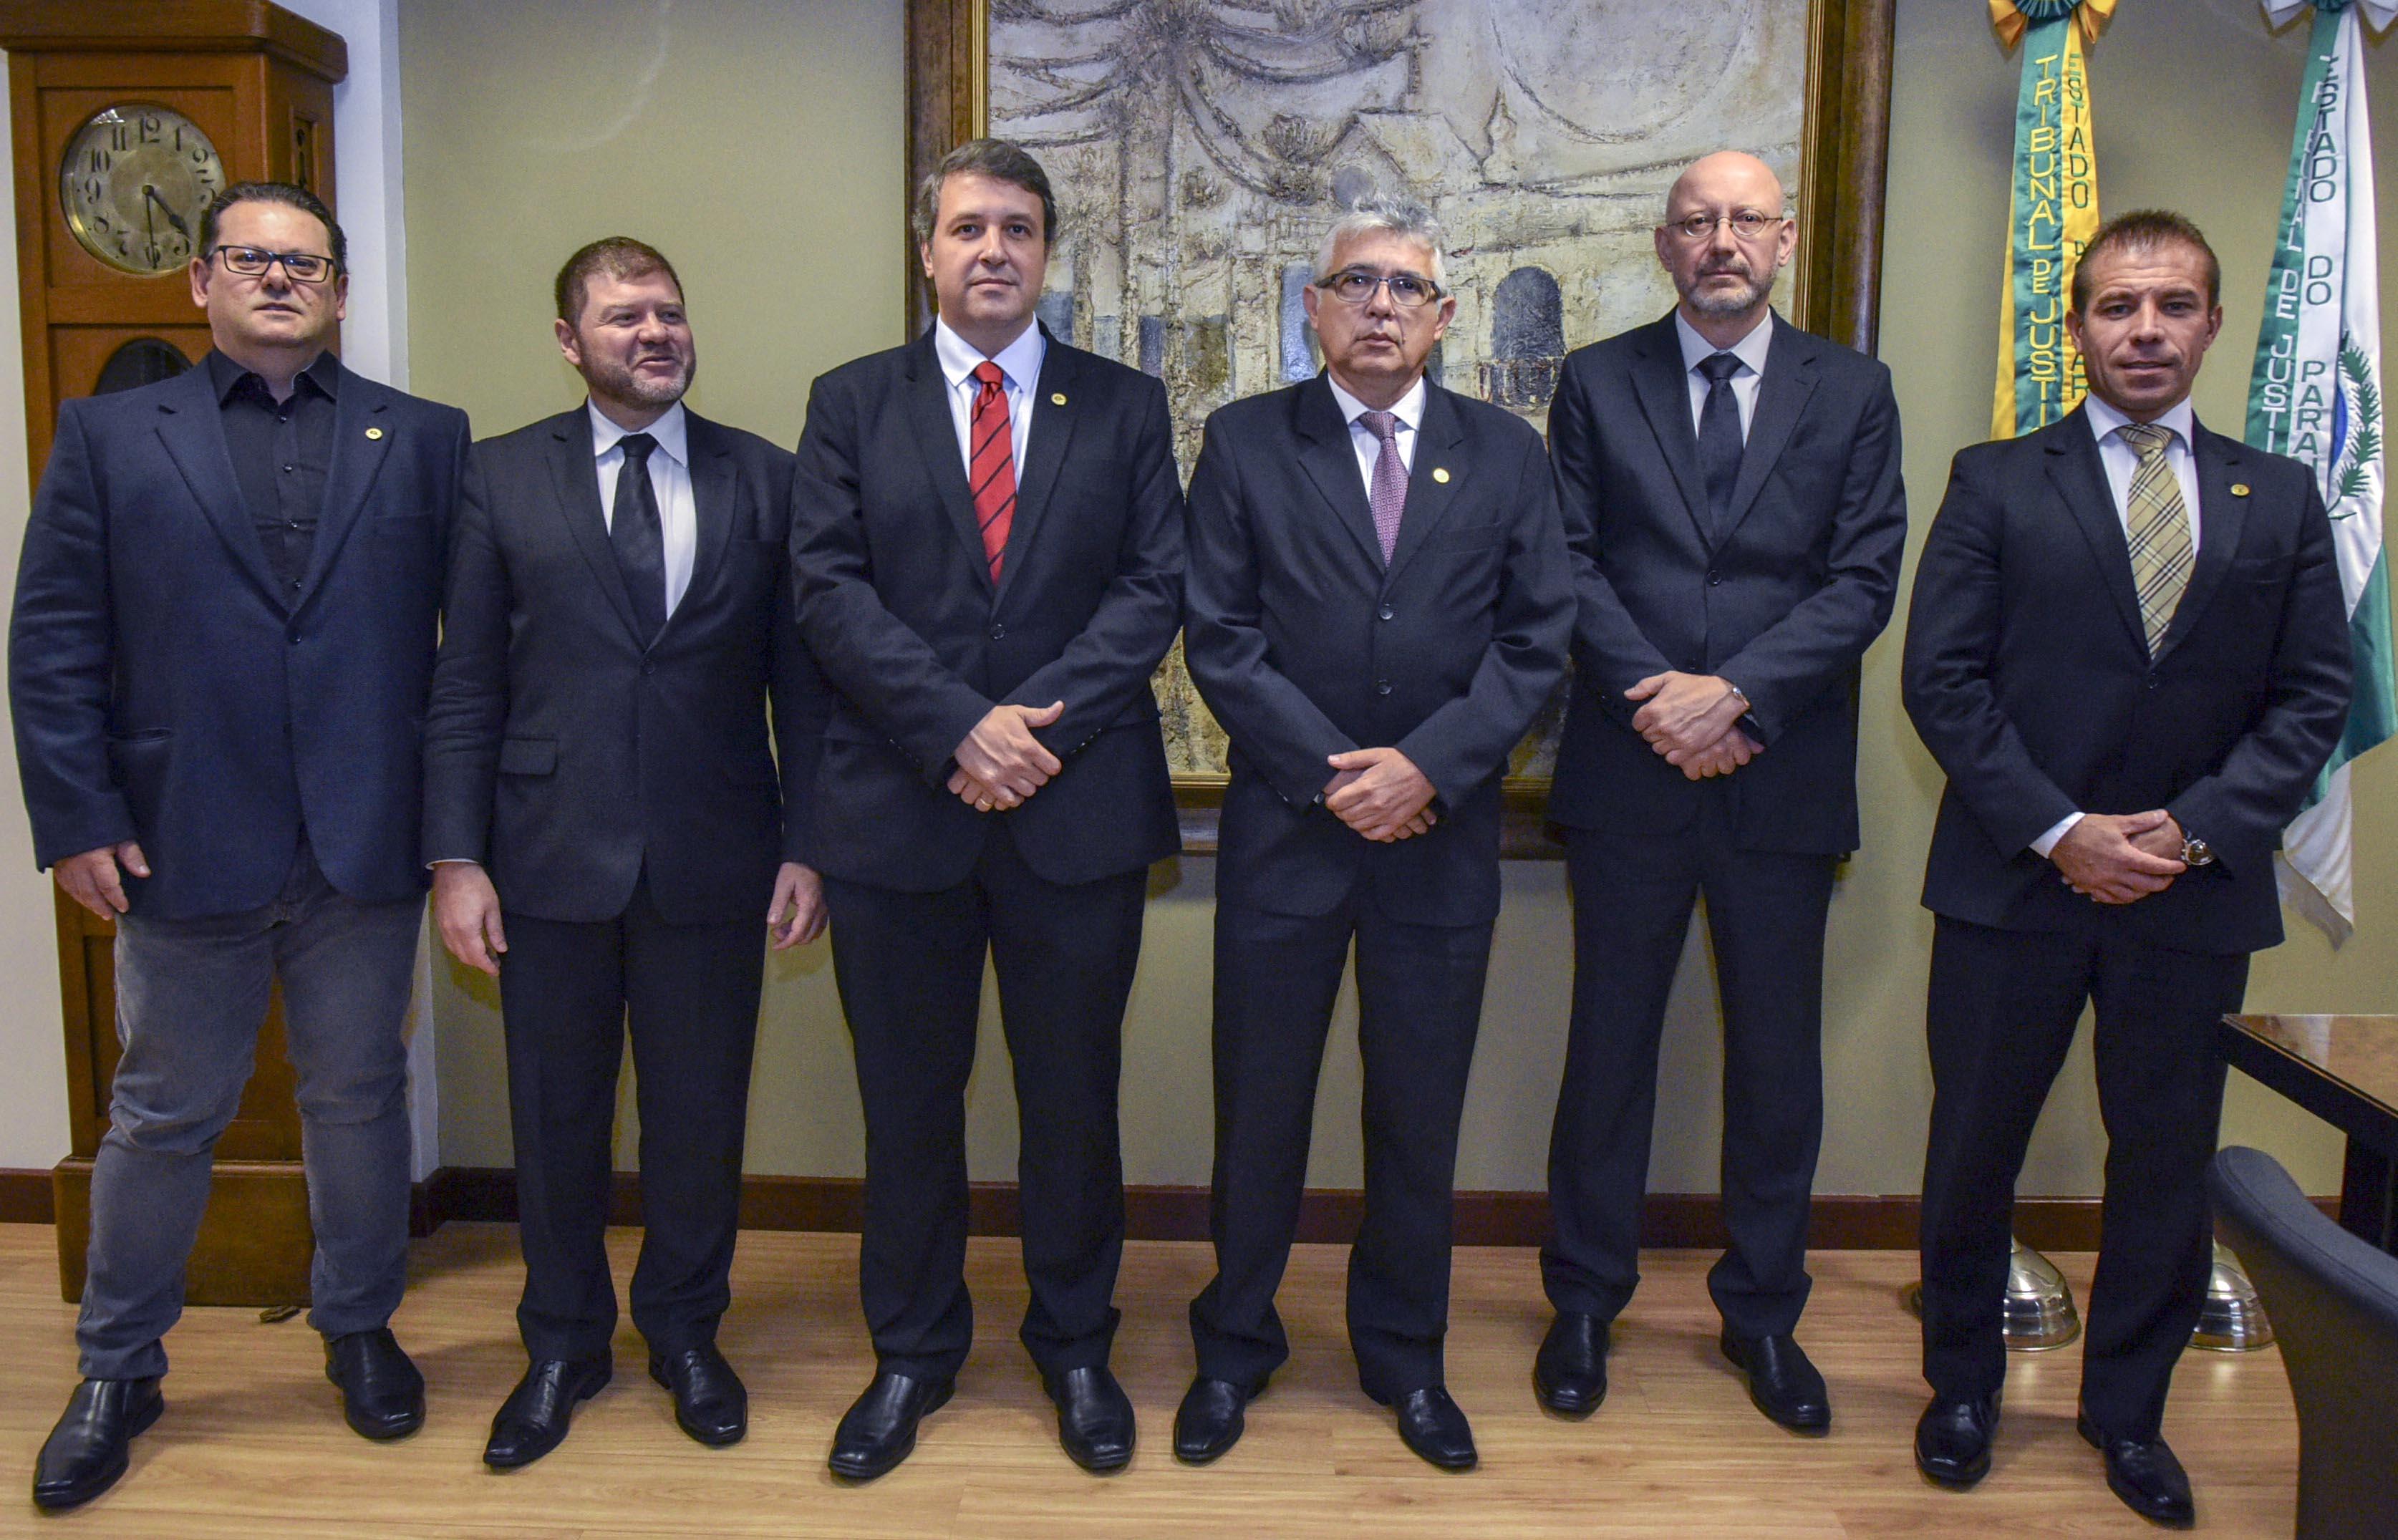 Presidente em exercício do TJPR recebe visita institucional da AMAPAR